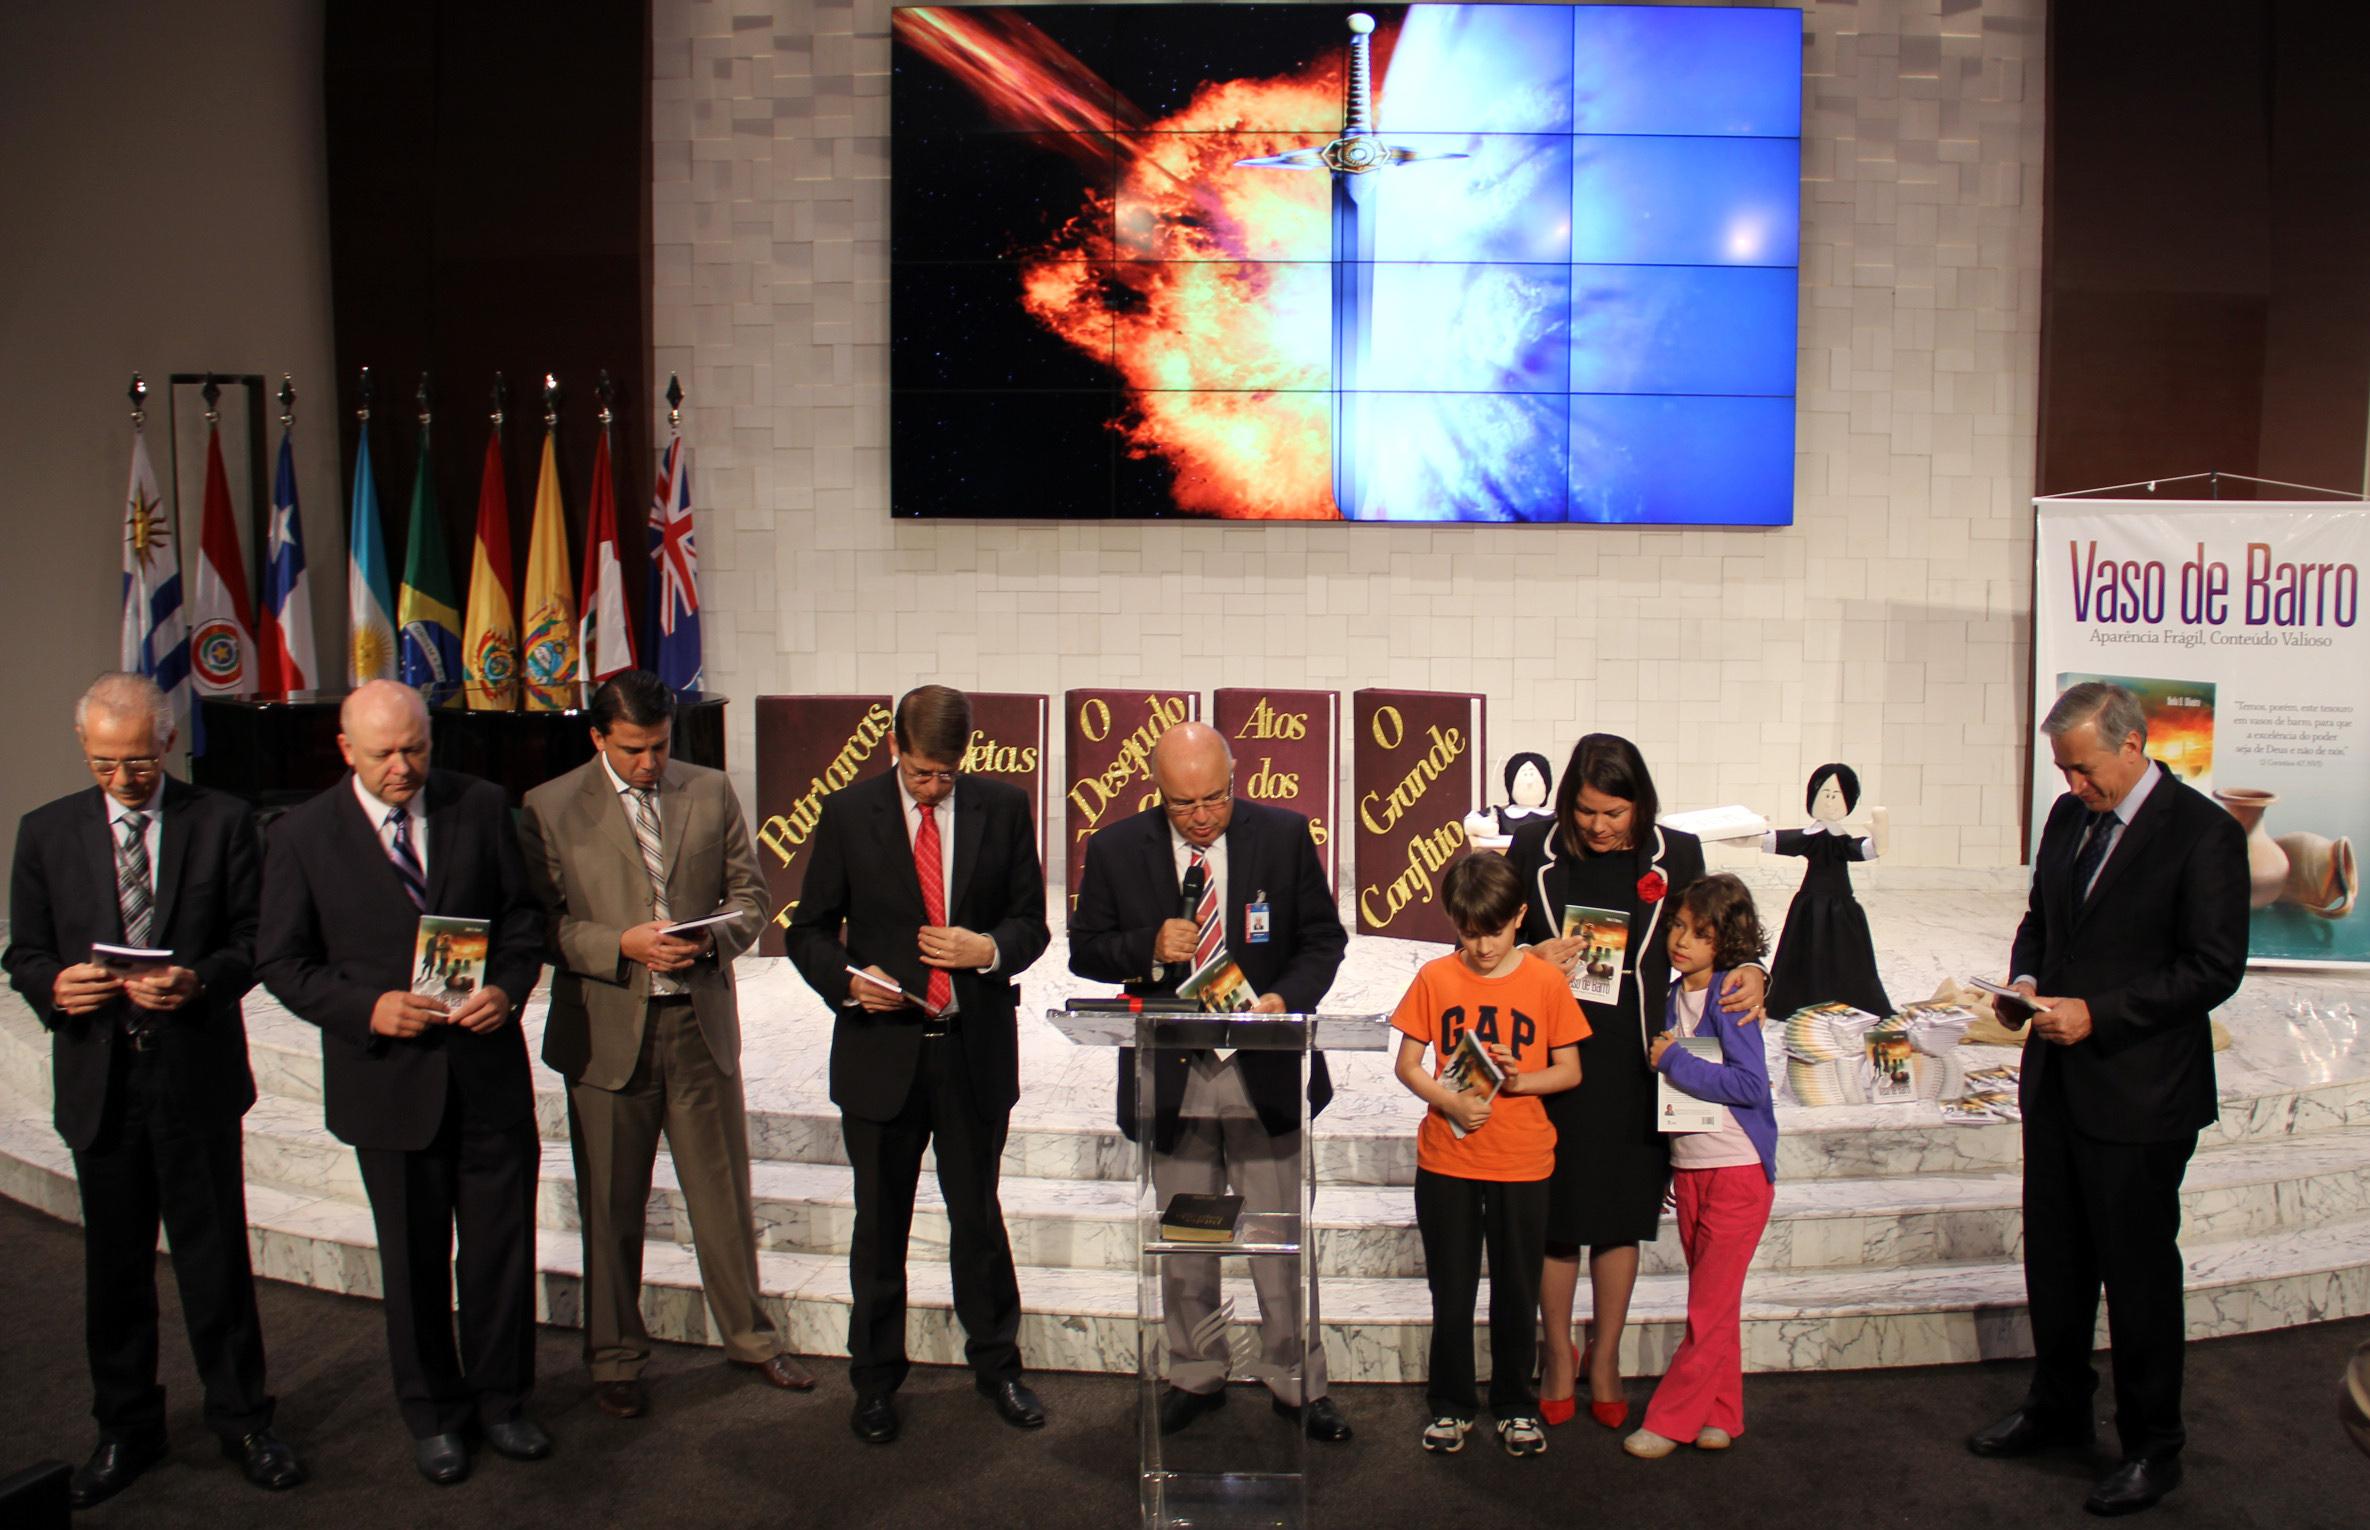 Líderes dedicam o livro Vaso de Barro, com a autora e algumas das crianças que assistiram ao programa.